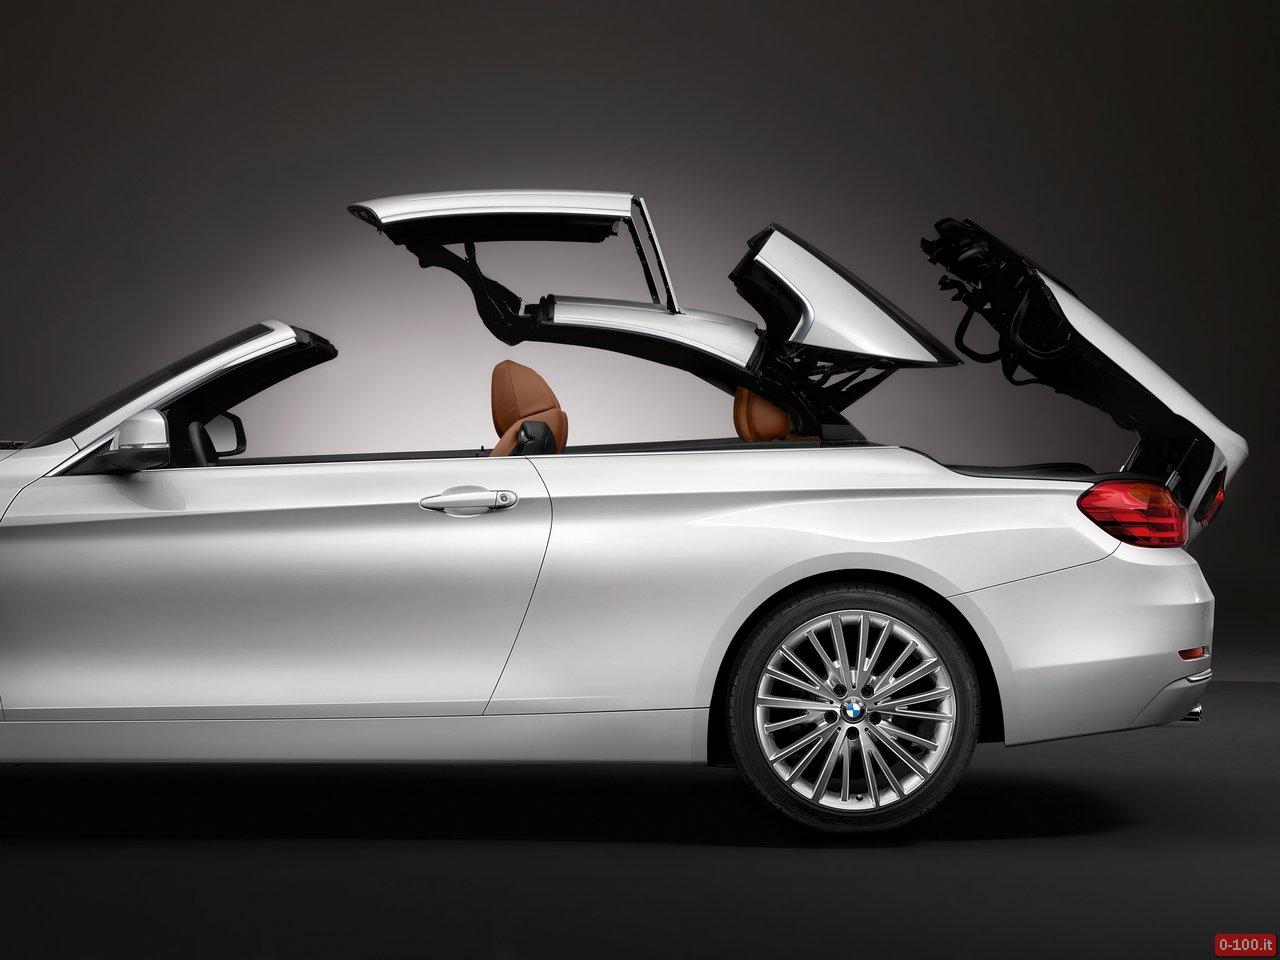 BMW-serie-4-cabrio-420d-428i-435i-cabrio_67